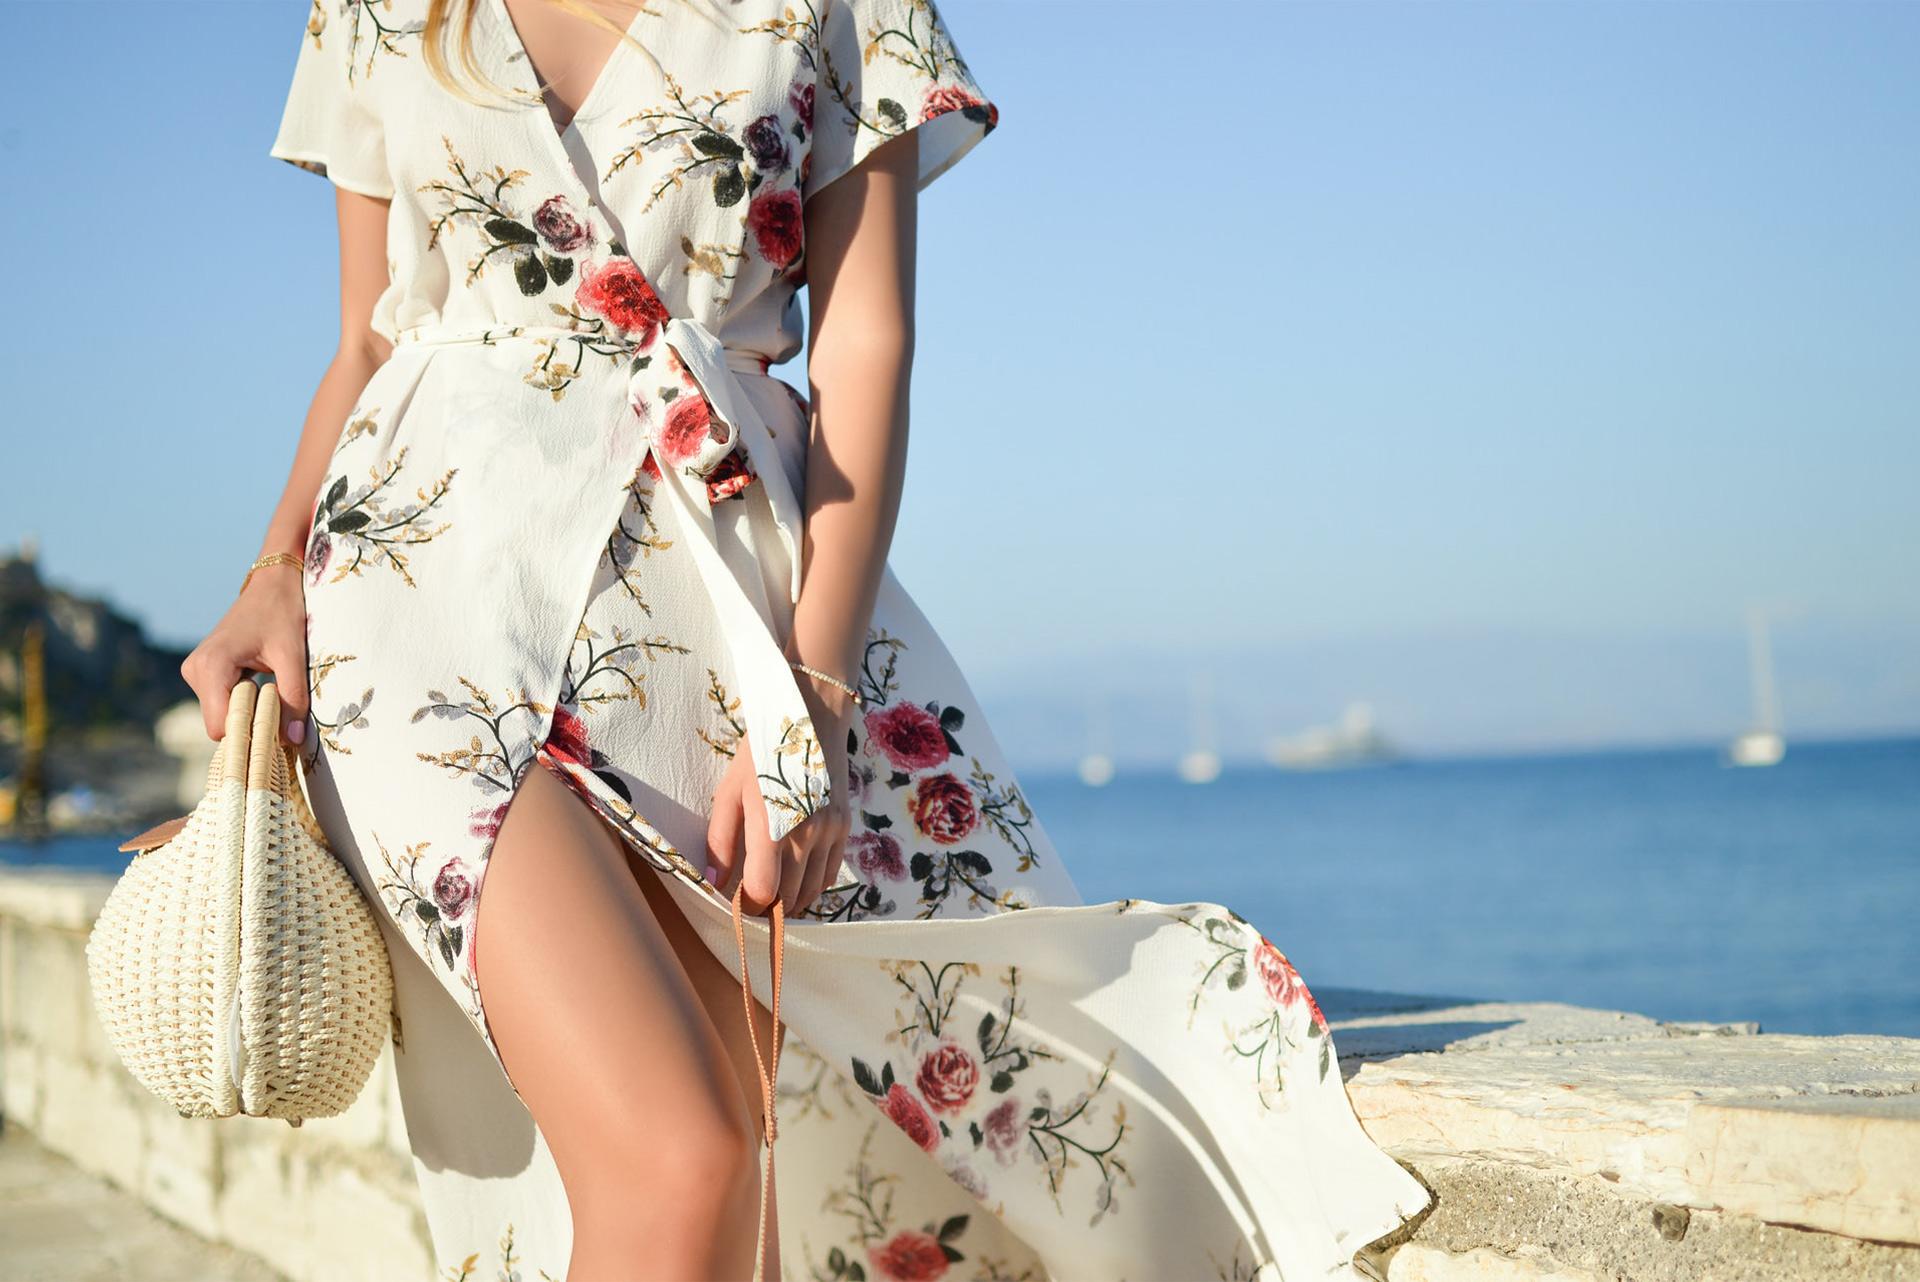 Femme en robe blanche sur la plage